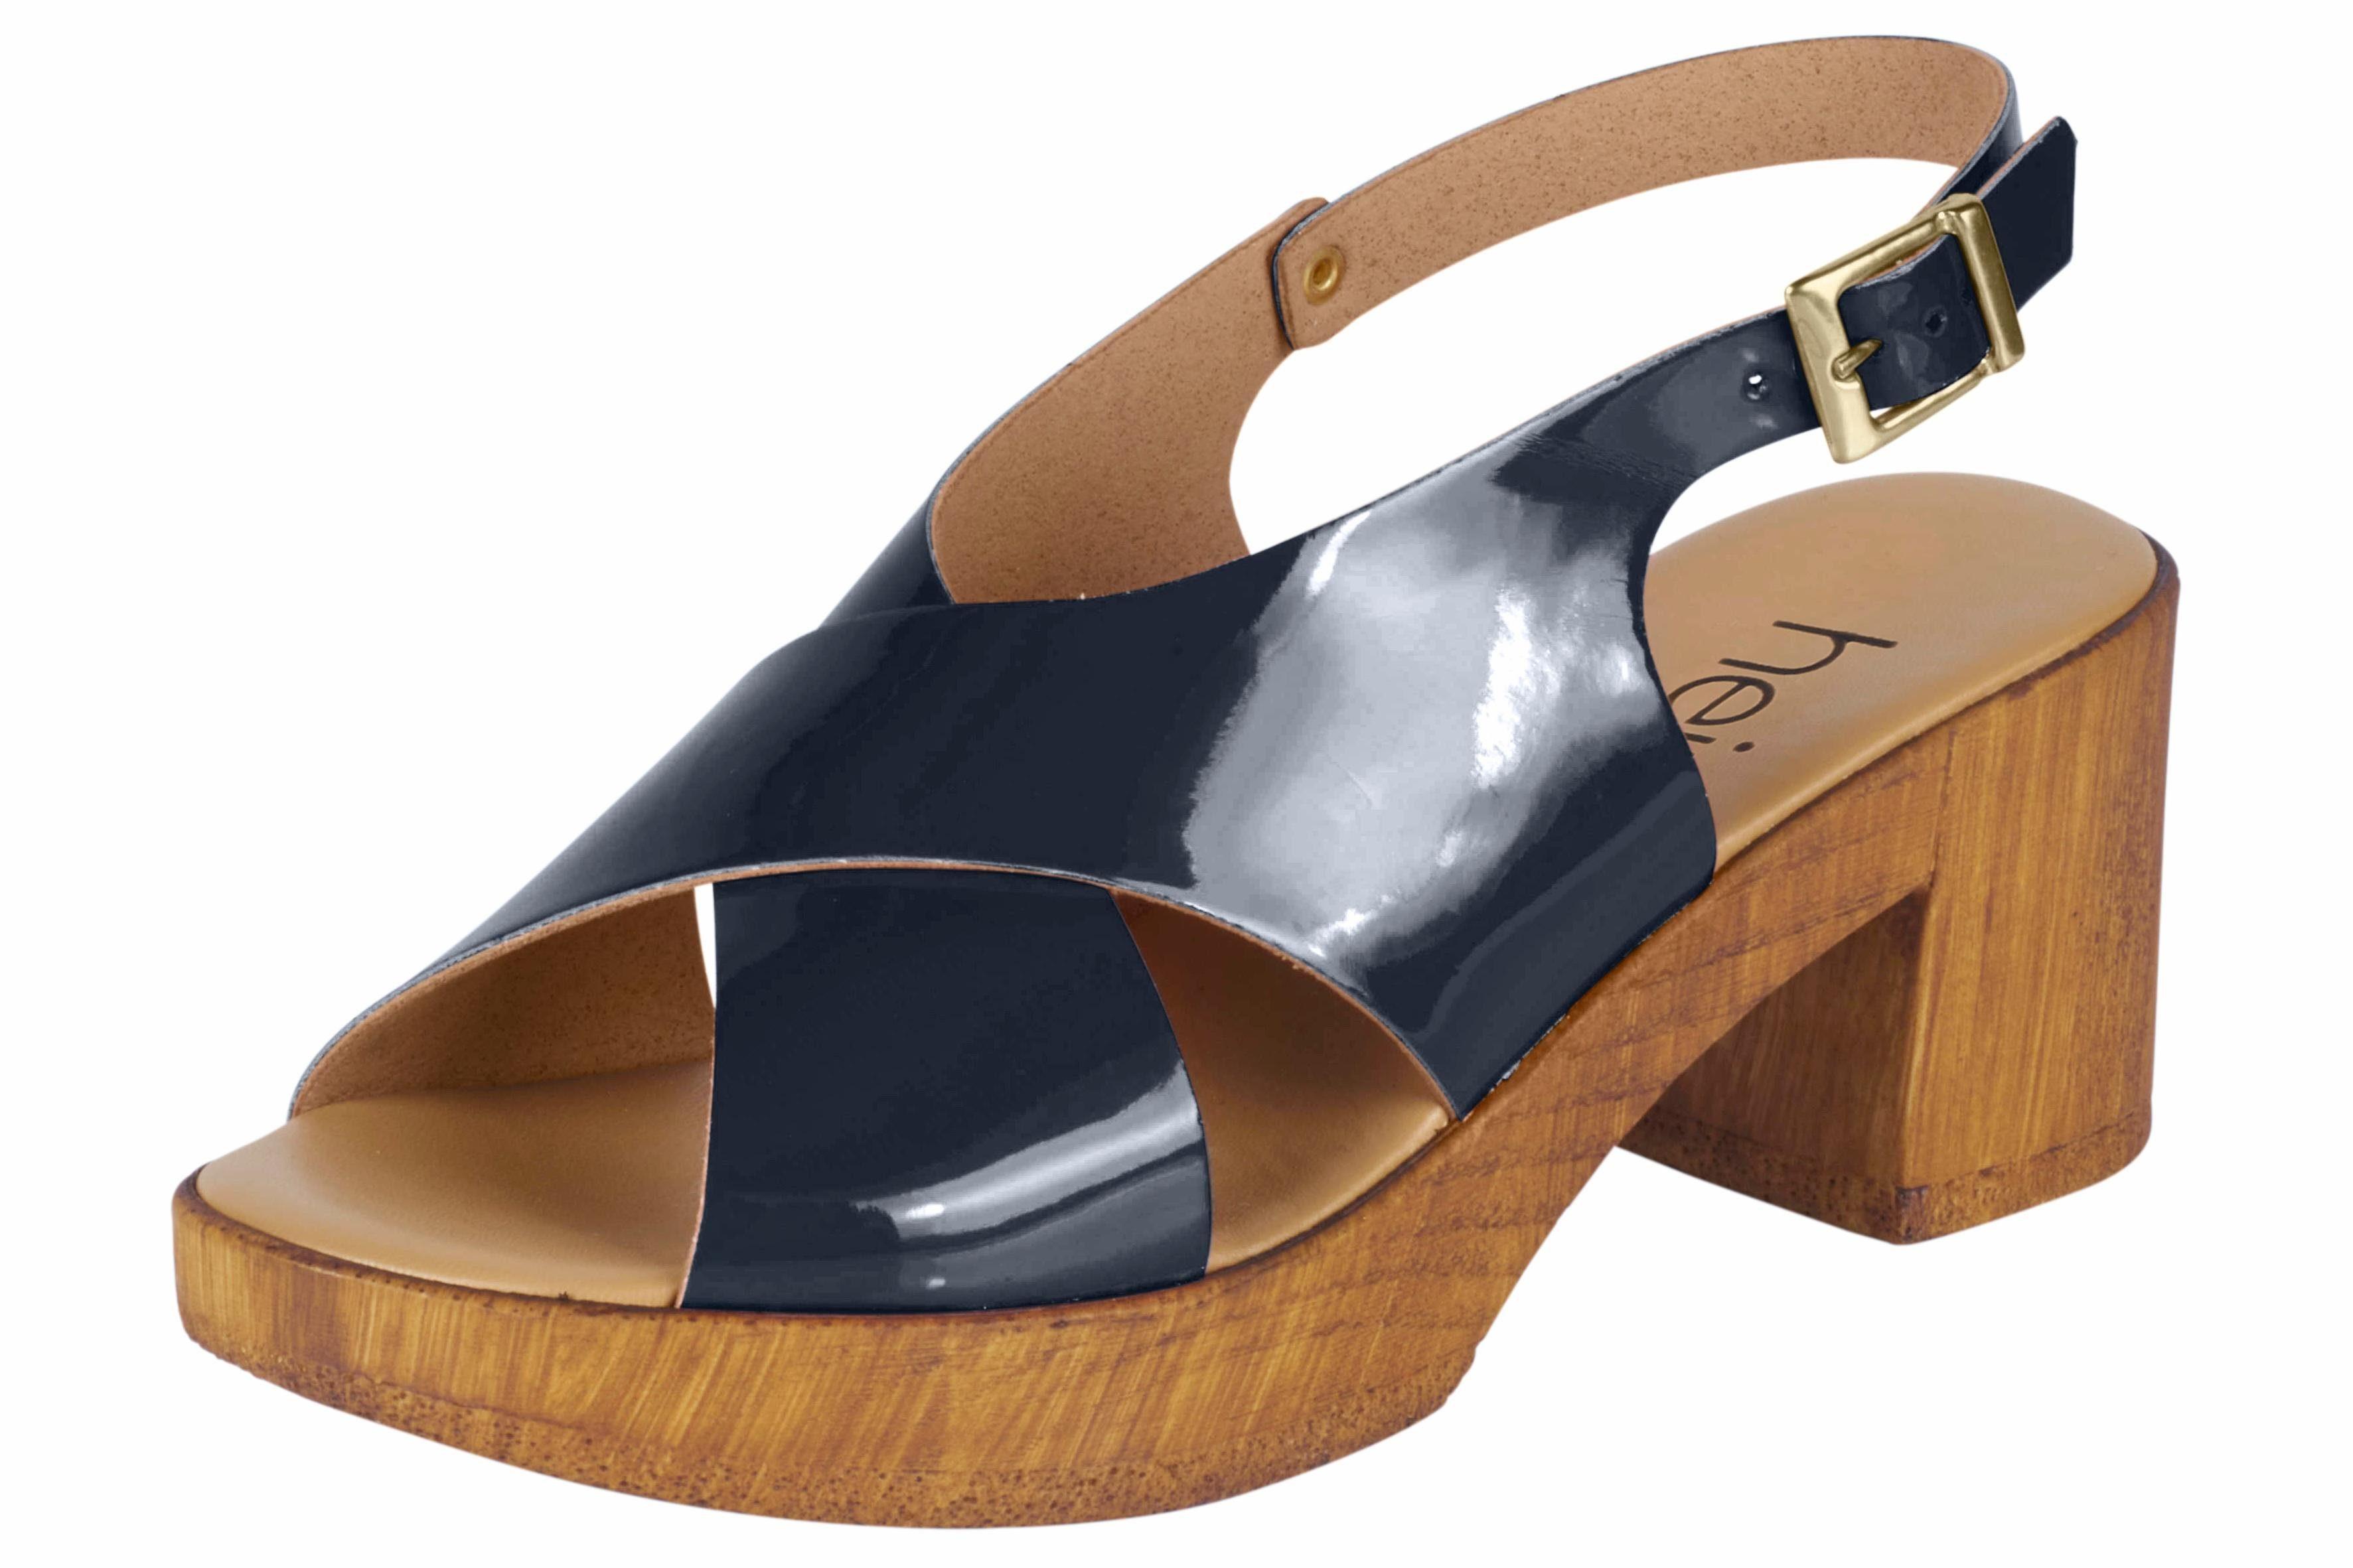 Heine Sandalette in Lack-Optik online kaufen  blau